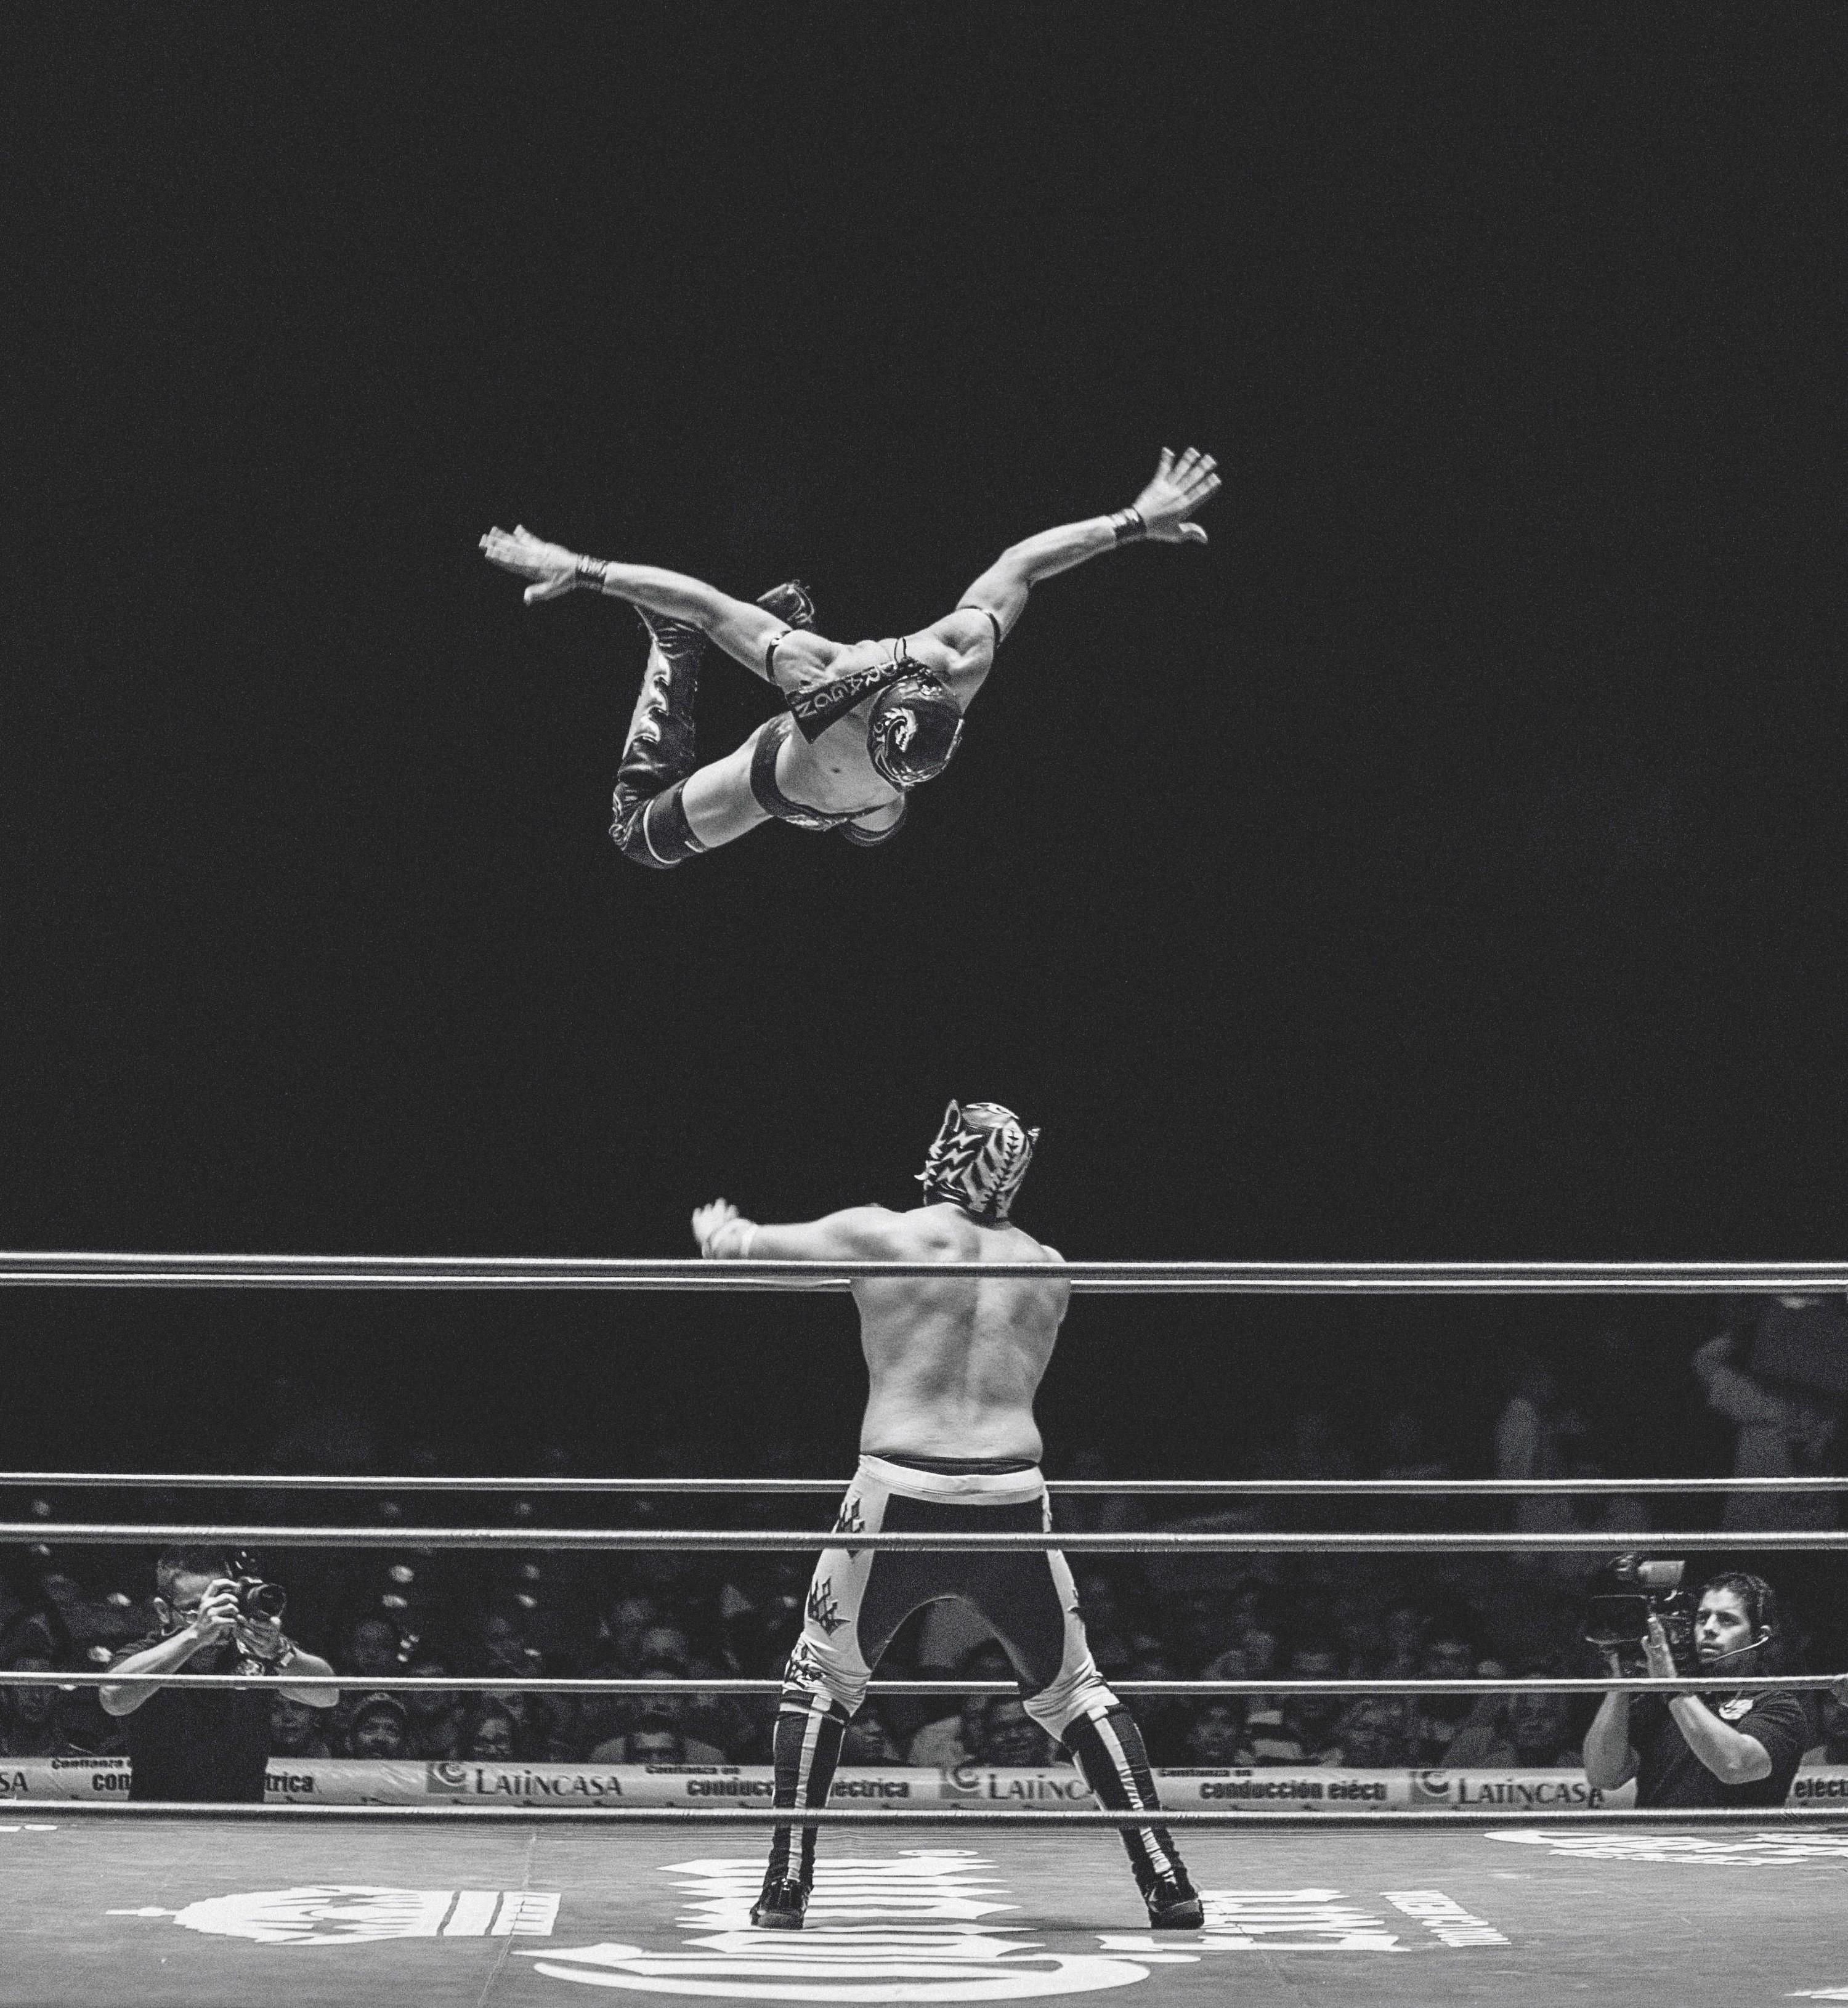 Cucho Jimenez, Una noche de luchas en la Arena, México, 2016.